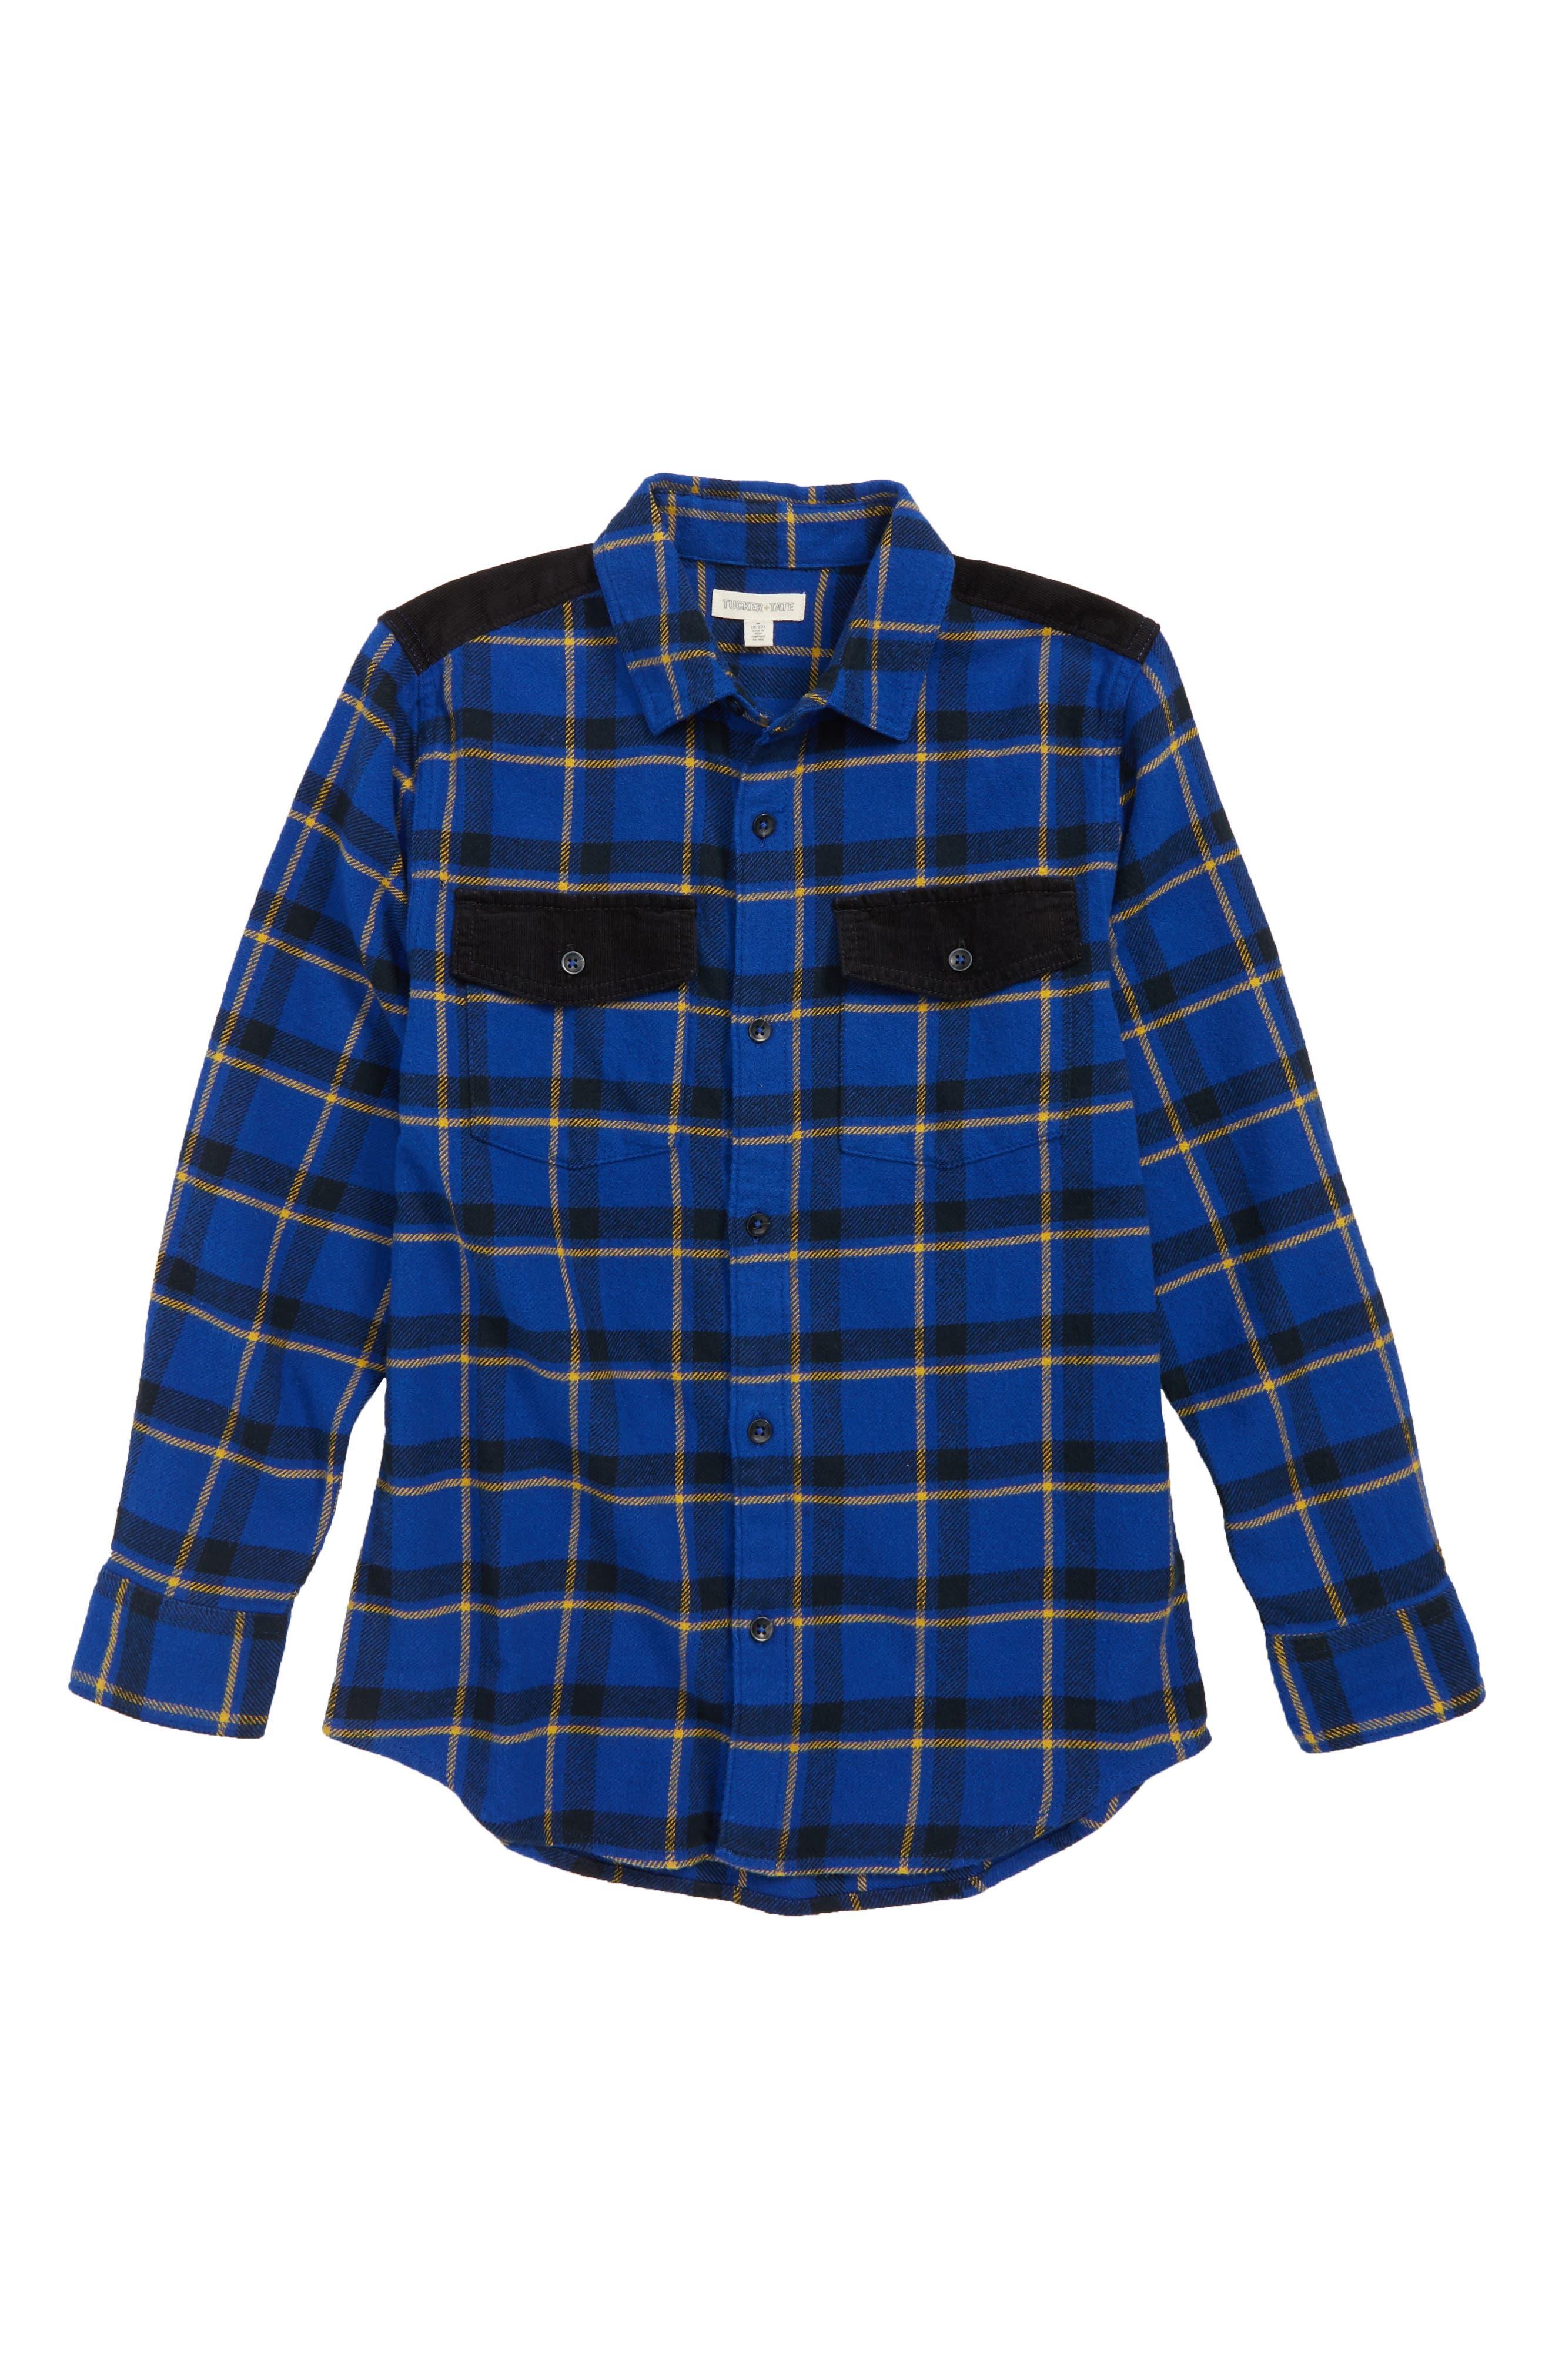 Plaid & Cord Shirt,                             Main thumbnail 1, color,                             BLUE MAZARINE SPACED OUT CHECK